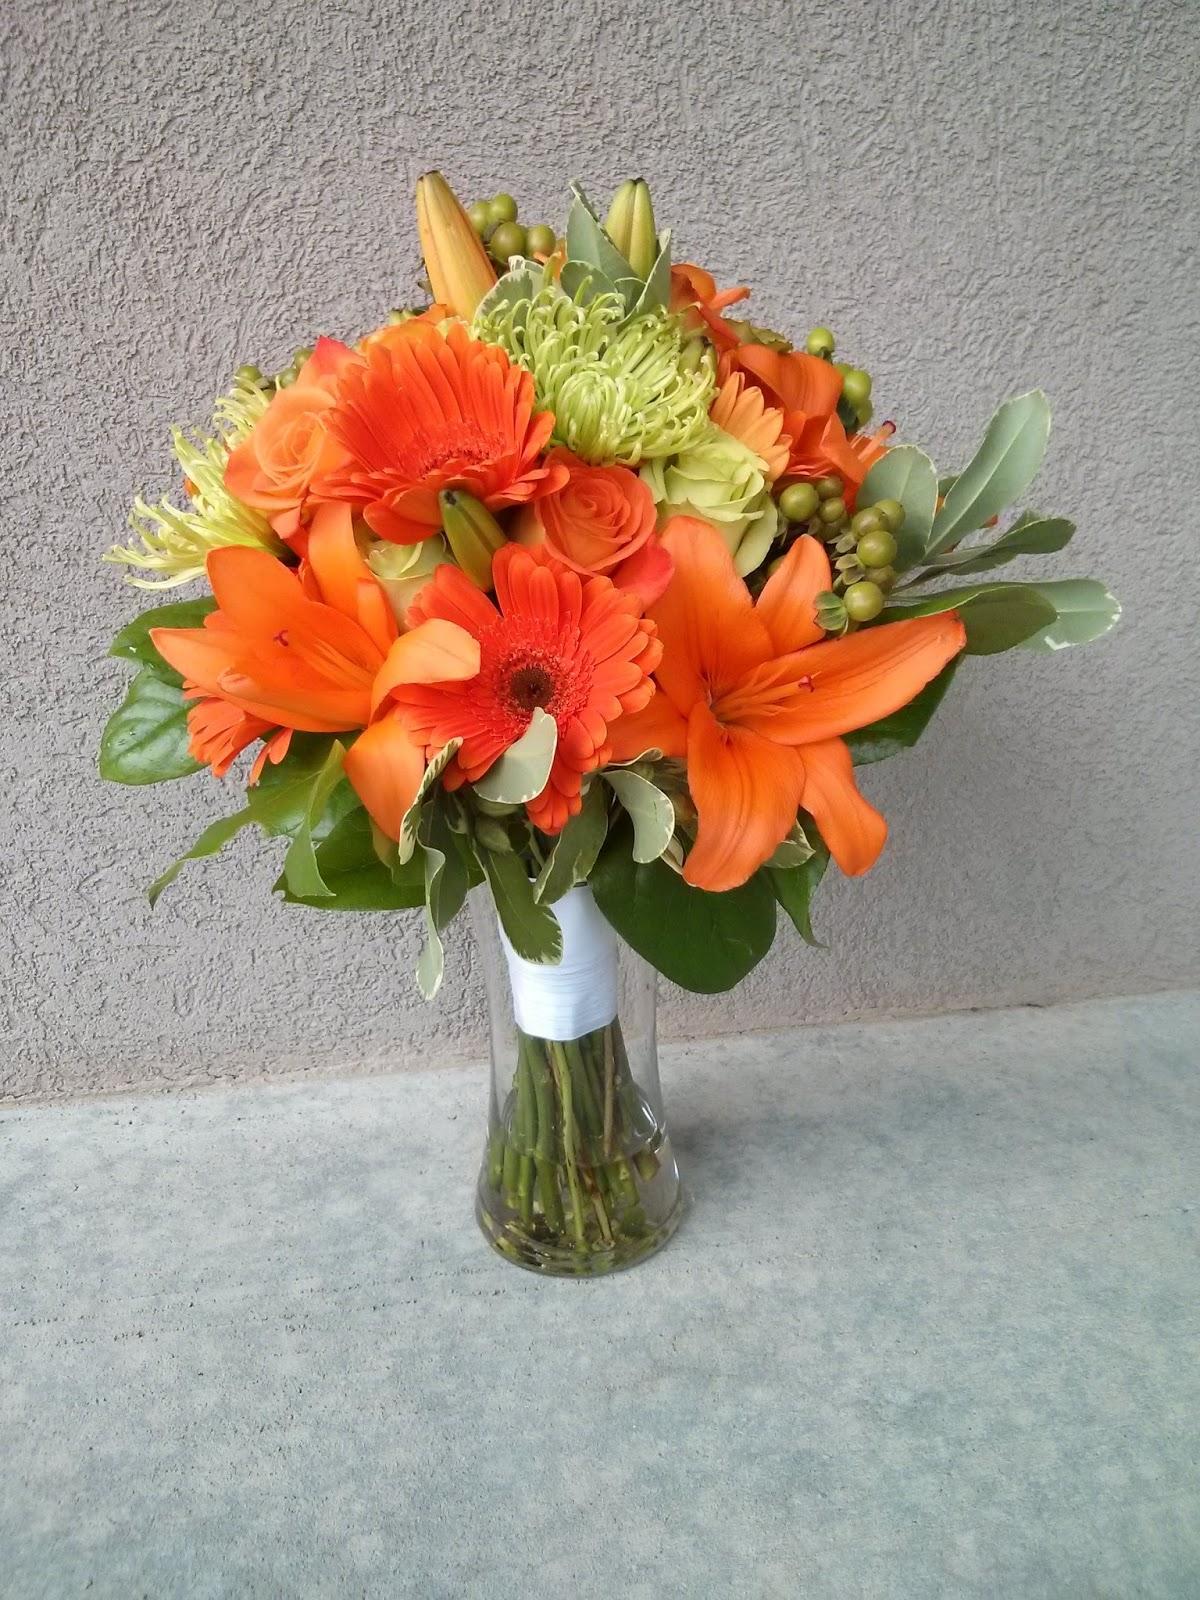 @lucifer2403 čo takto oranžová... - Obrázok č. 1